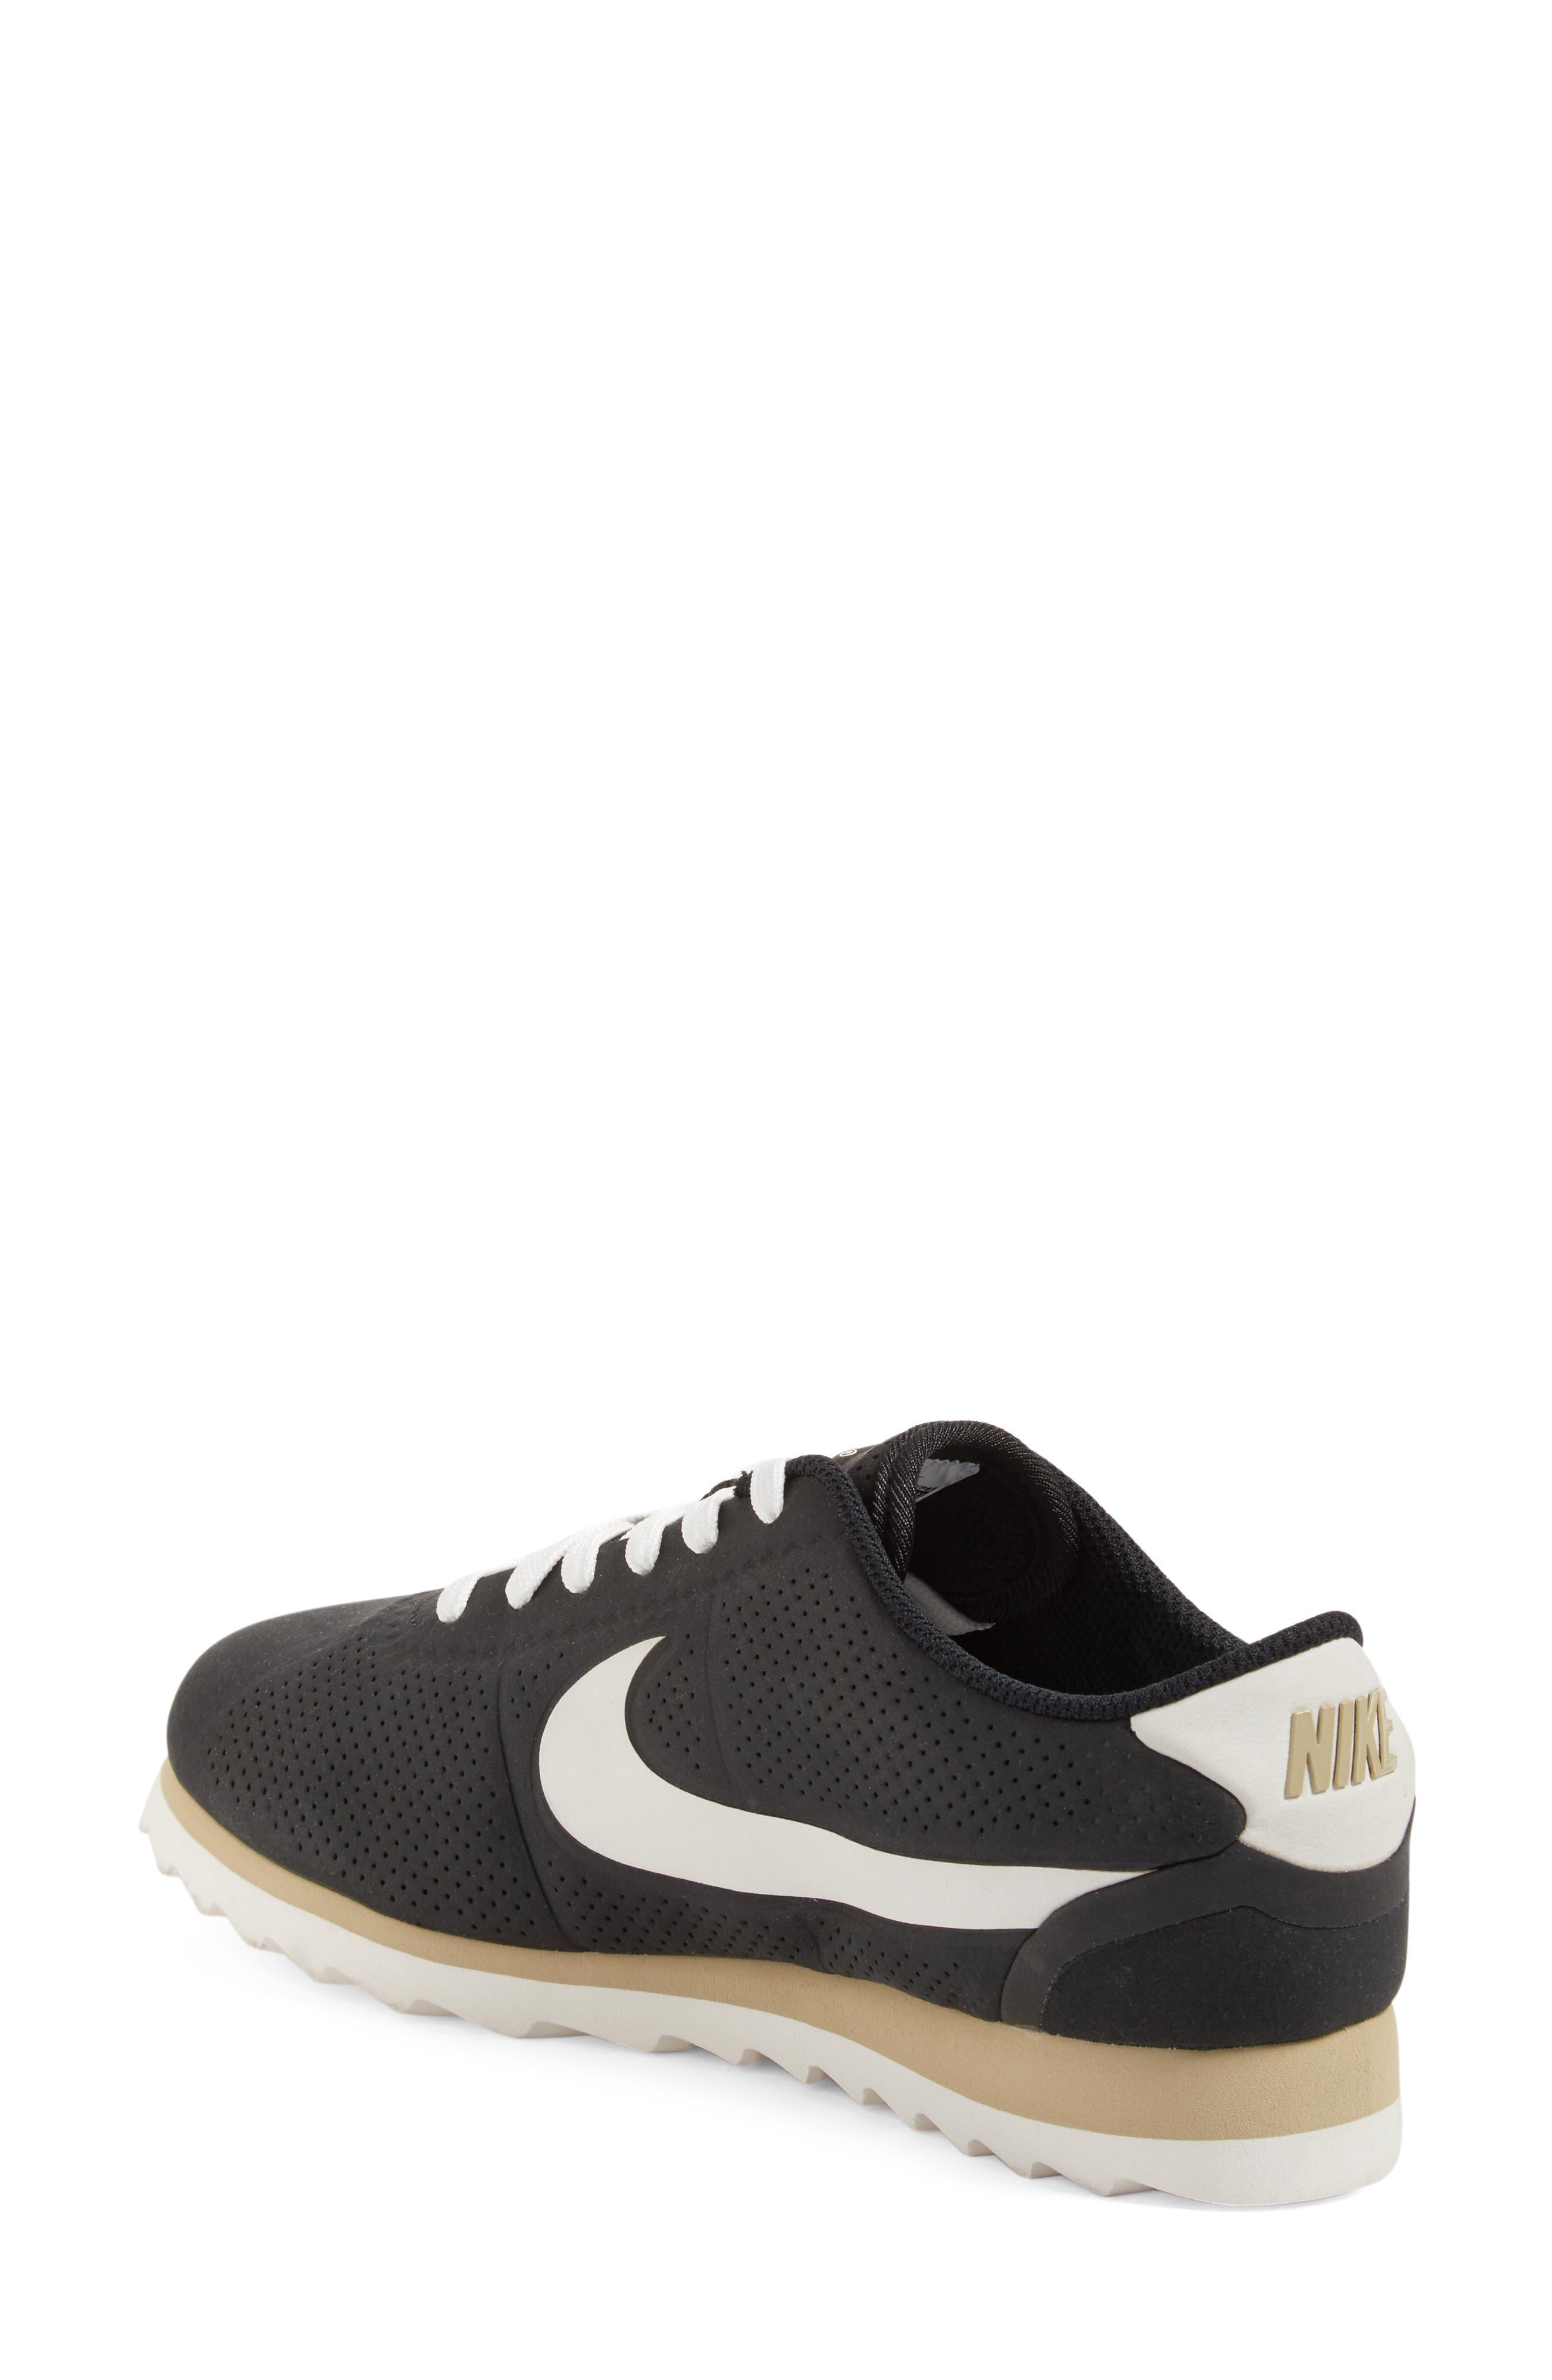 Alternate Image 2  - Nike 'Cortez Ultra Moire' Sneaker (Women)